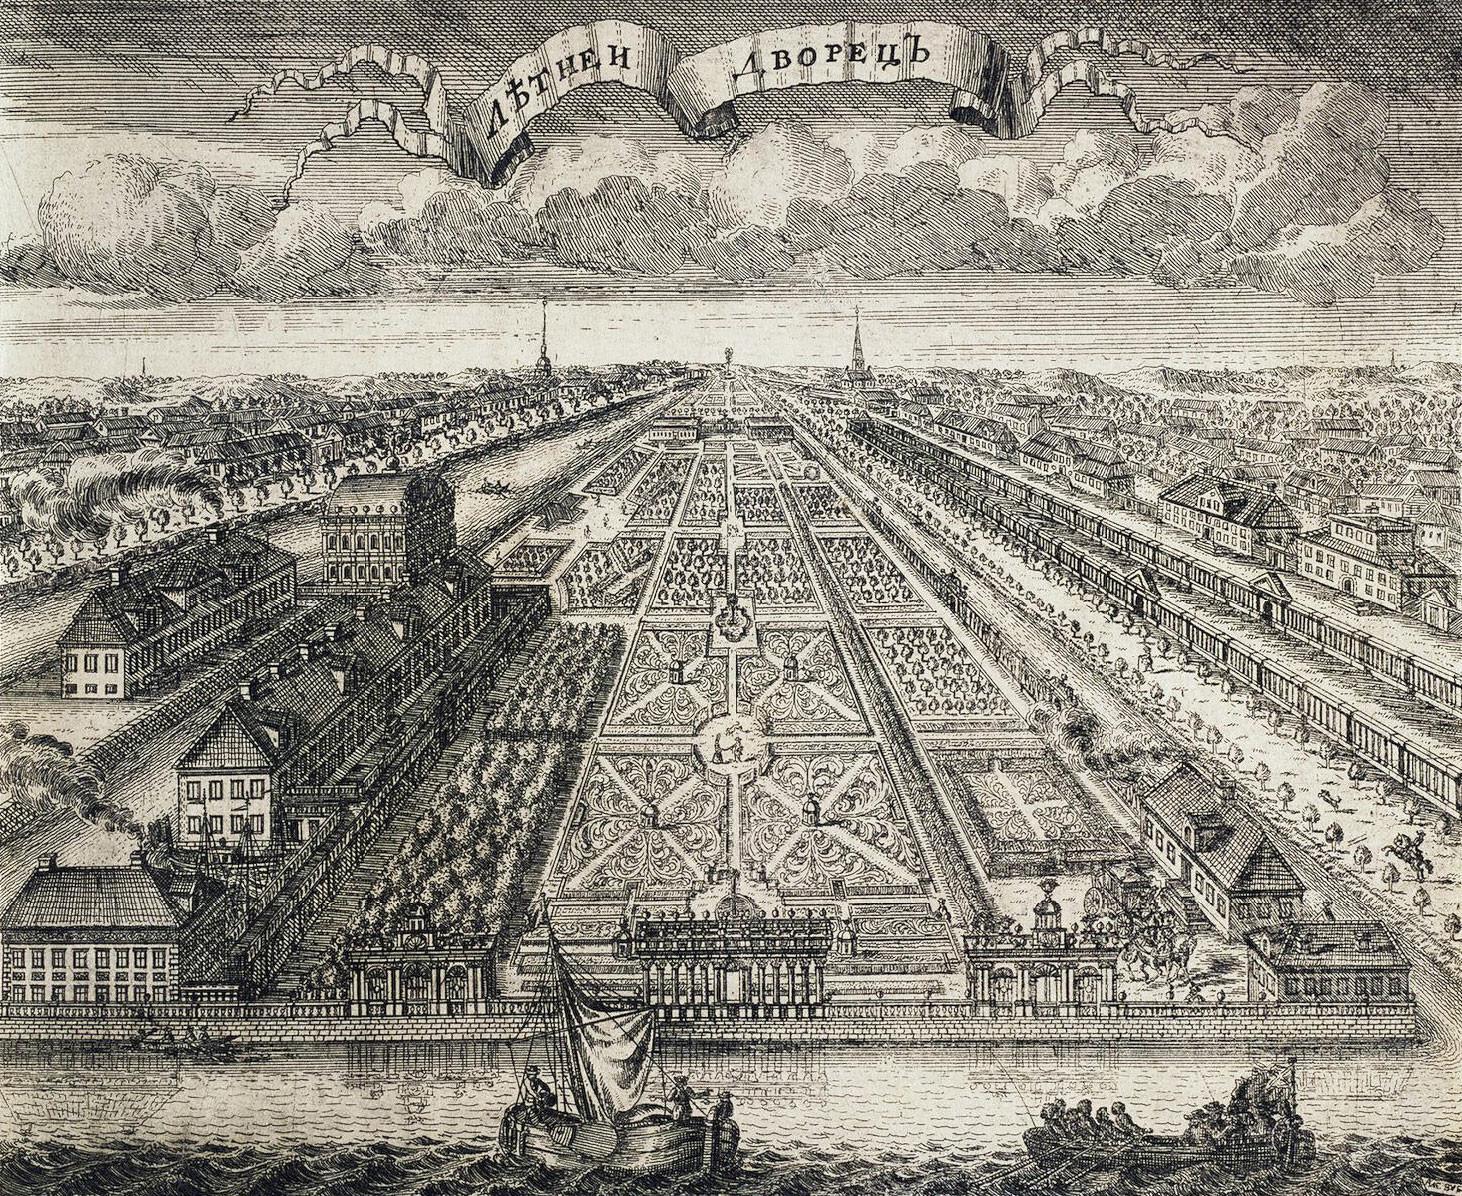 夏の宮殿と夏の庭園、1716年